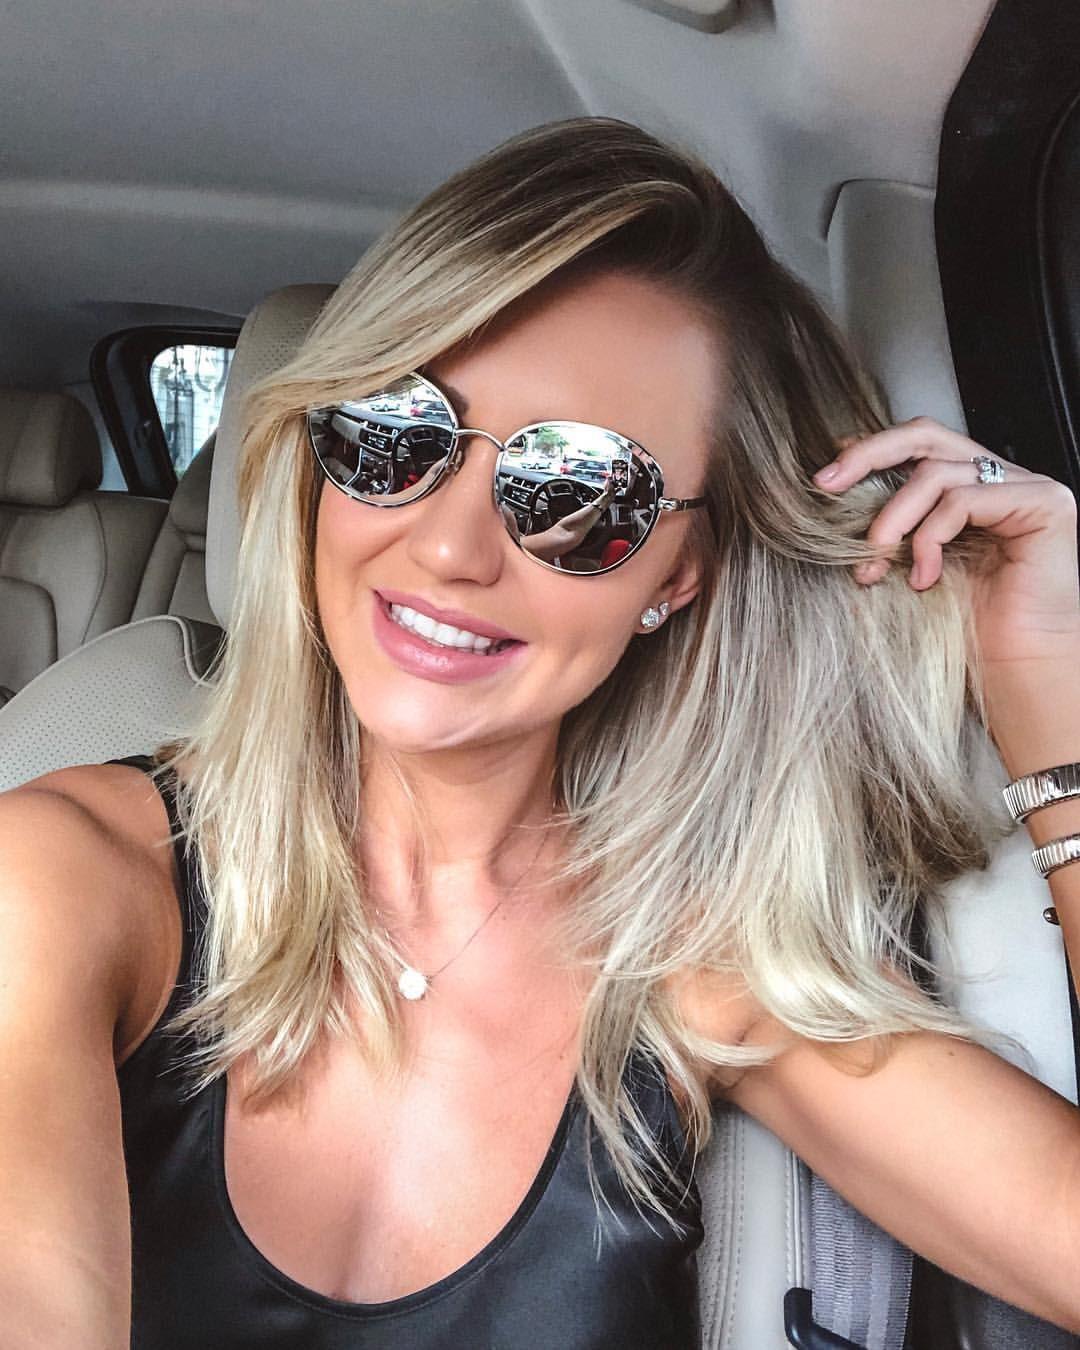 """36690c5727cb0 12 mil curtidas, 44 comentários - Ana Paula Siebert Justus  ( anapaulasiebert) no Instagram  """"Bomm dia!! Com details ✨ de ontem   hitoficial """""""